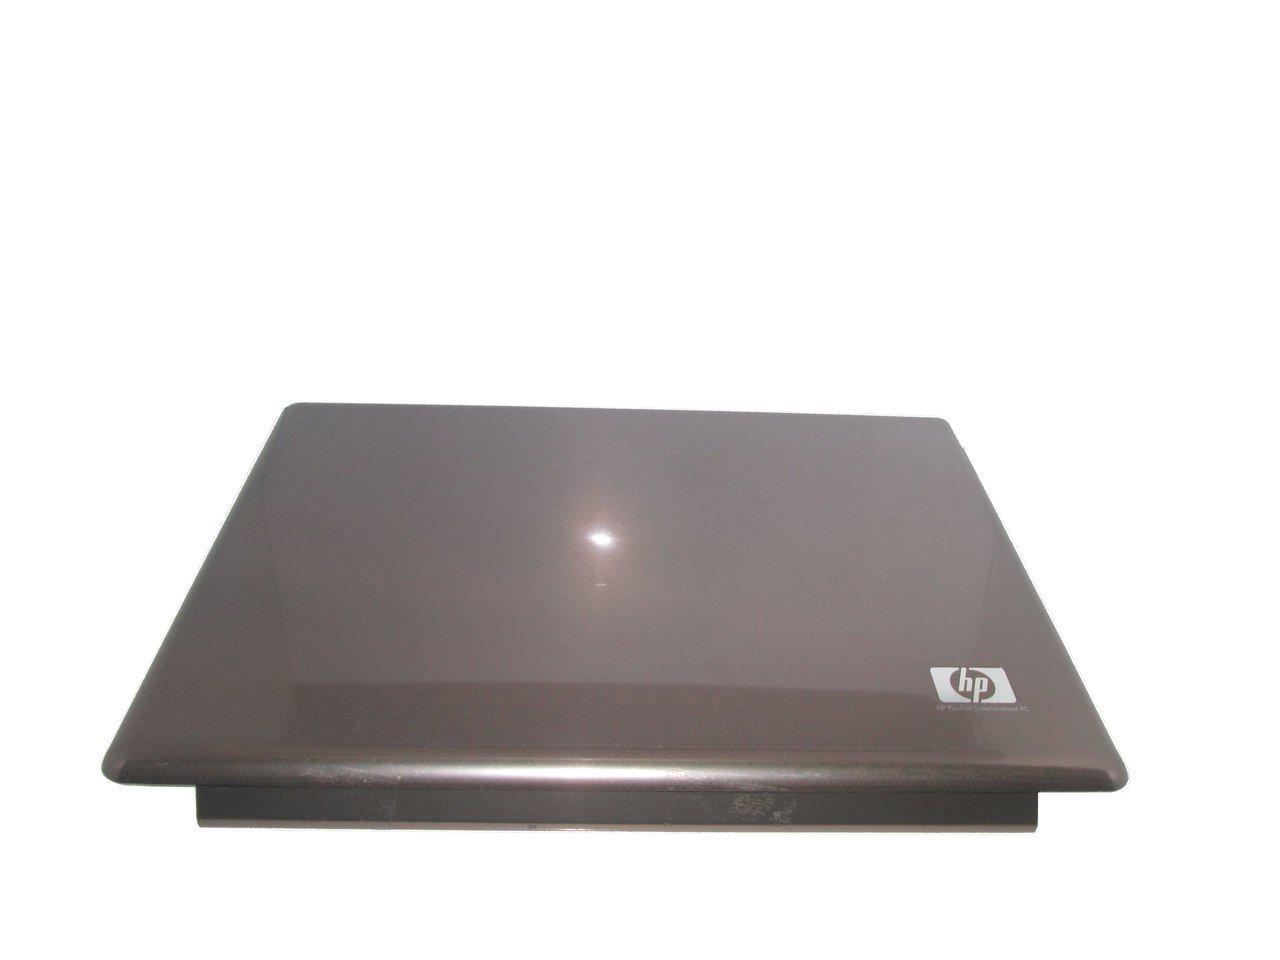 HP PAVILION DV7-1245dx LCD Display Hinges GENUINE